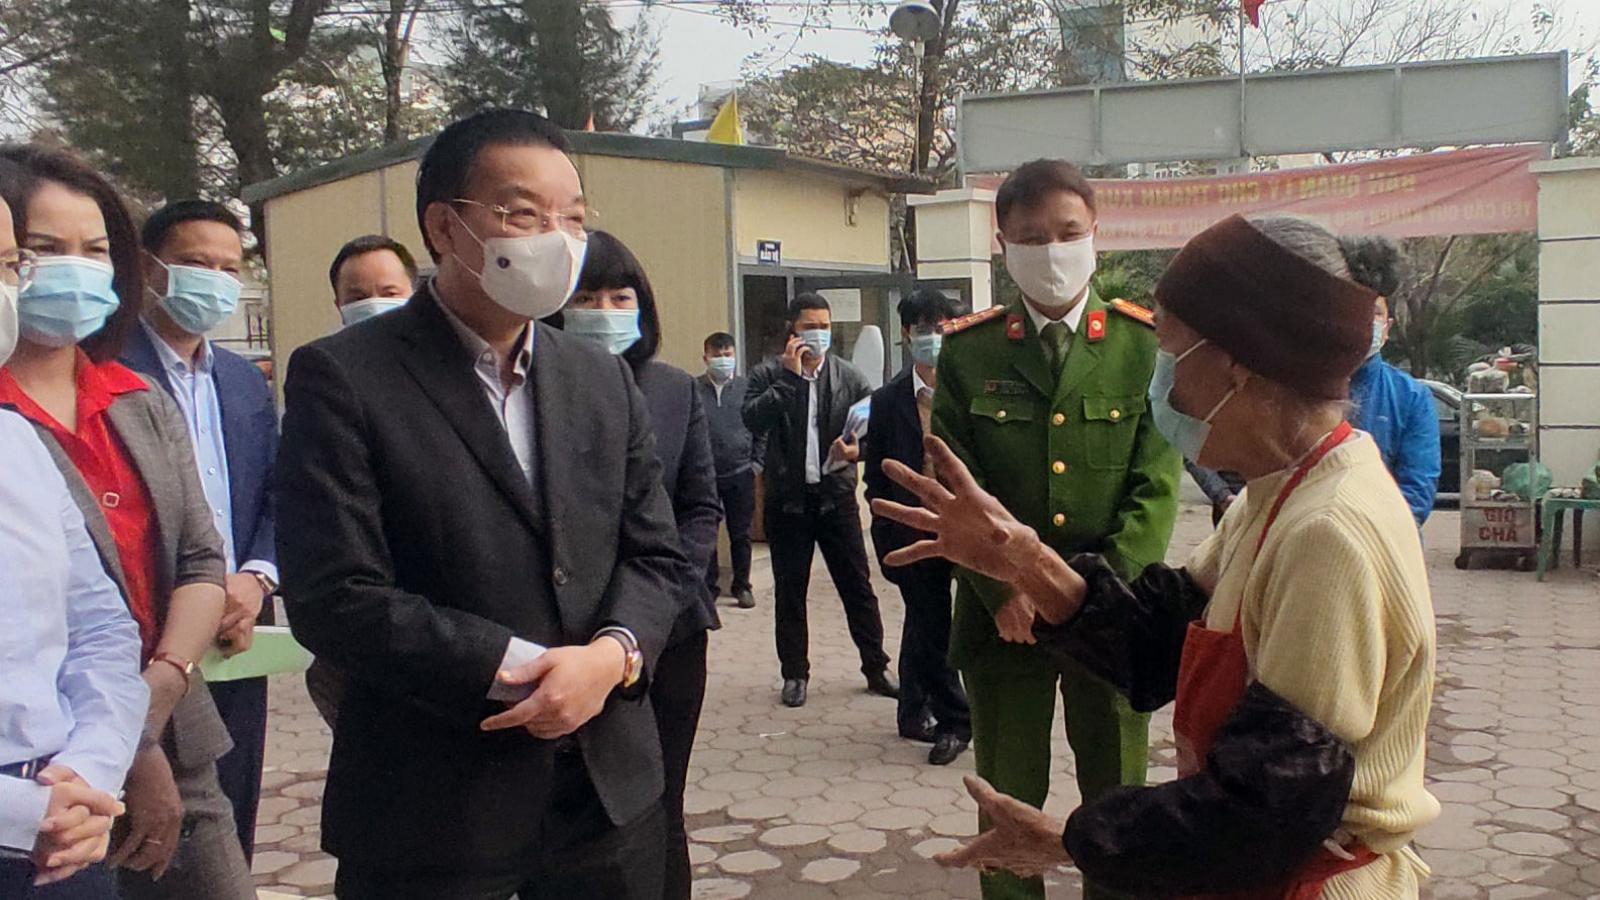 """Chủ tịch TP Hà Nội Chu Ngọc Anh: """"Để lọt một ca Covid-19 thì công sức đổ sông, đổ biển"""""""